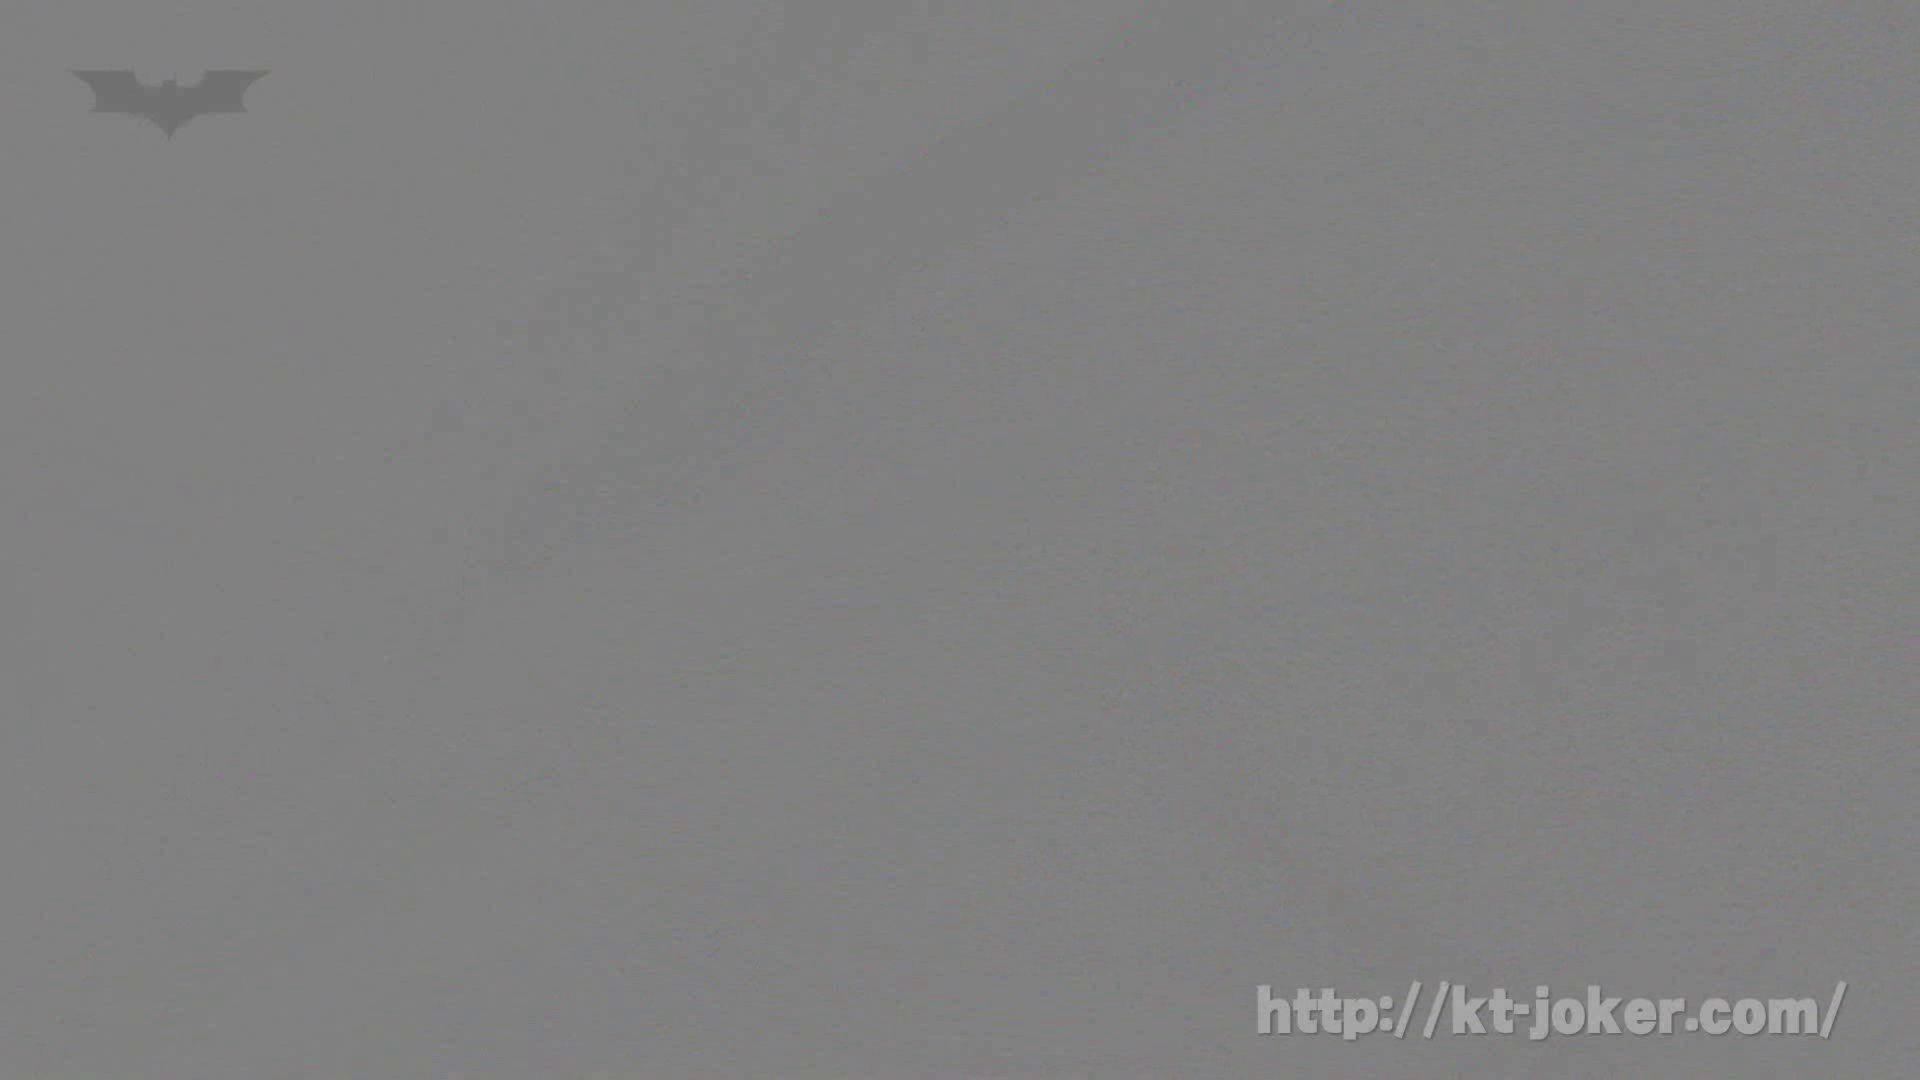 命がけ潜伏洗面所! vol.67 女性の日特集!! 洗面所 | OLエロ画像  93PICs 76